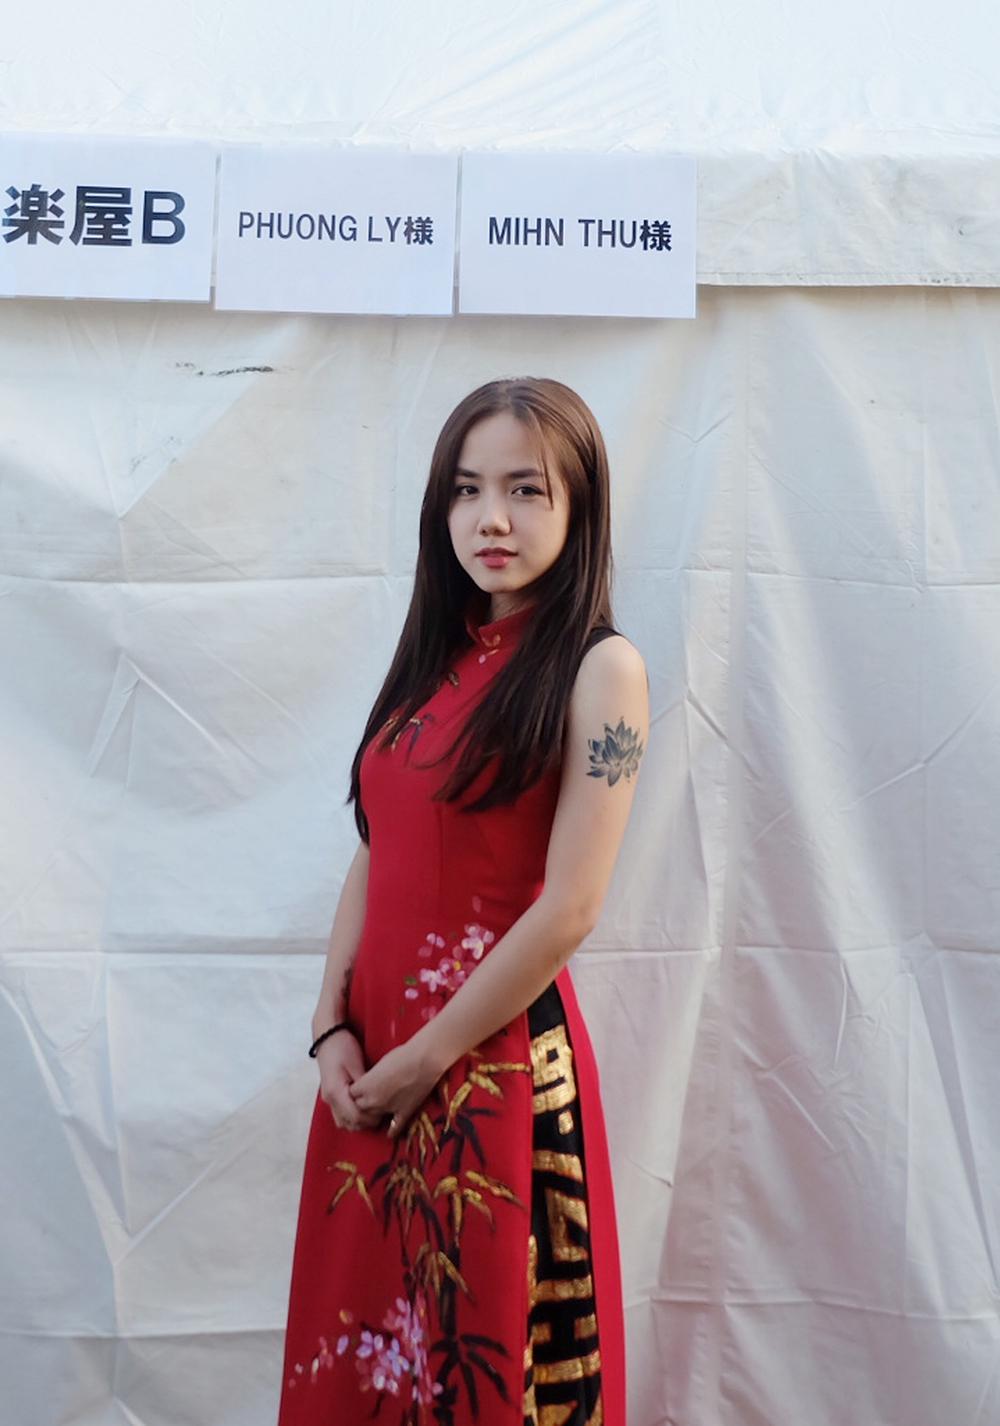 Em gái Phương Linh cá tính với áo dài cách điệu - Ảnh 7.